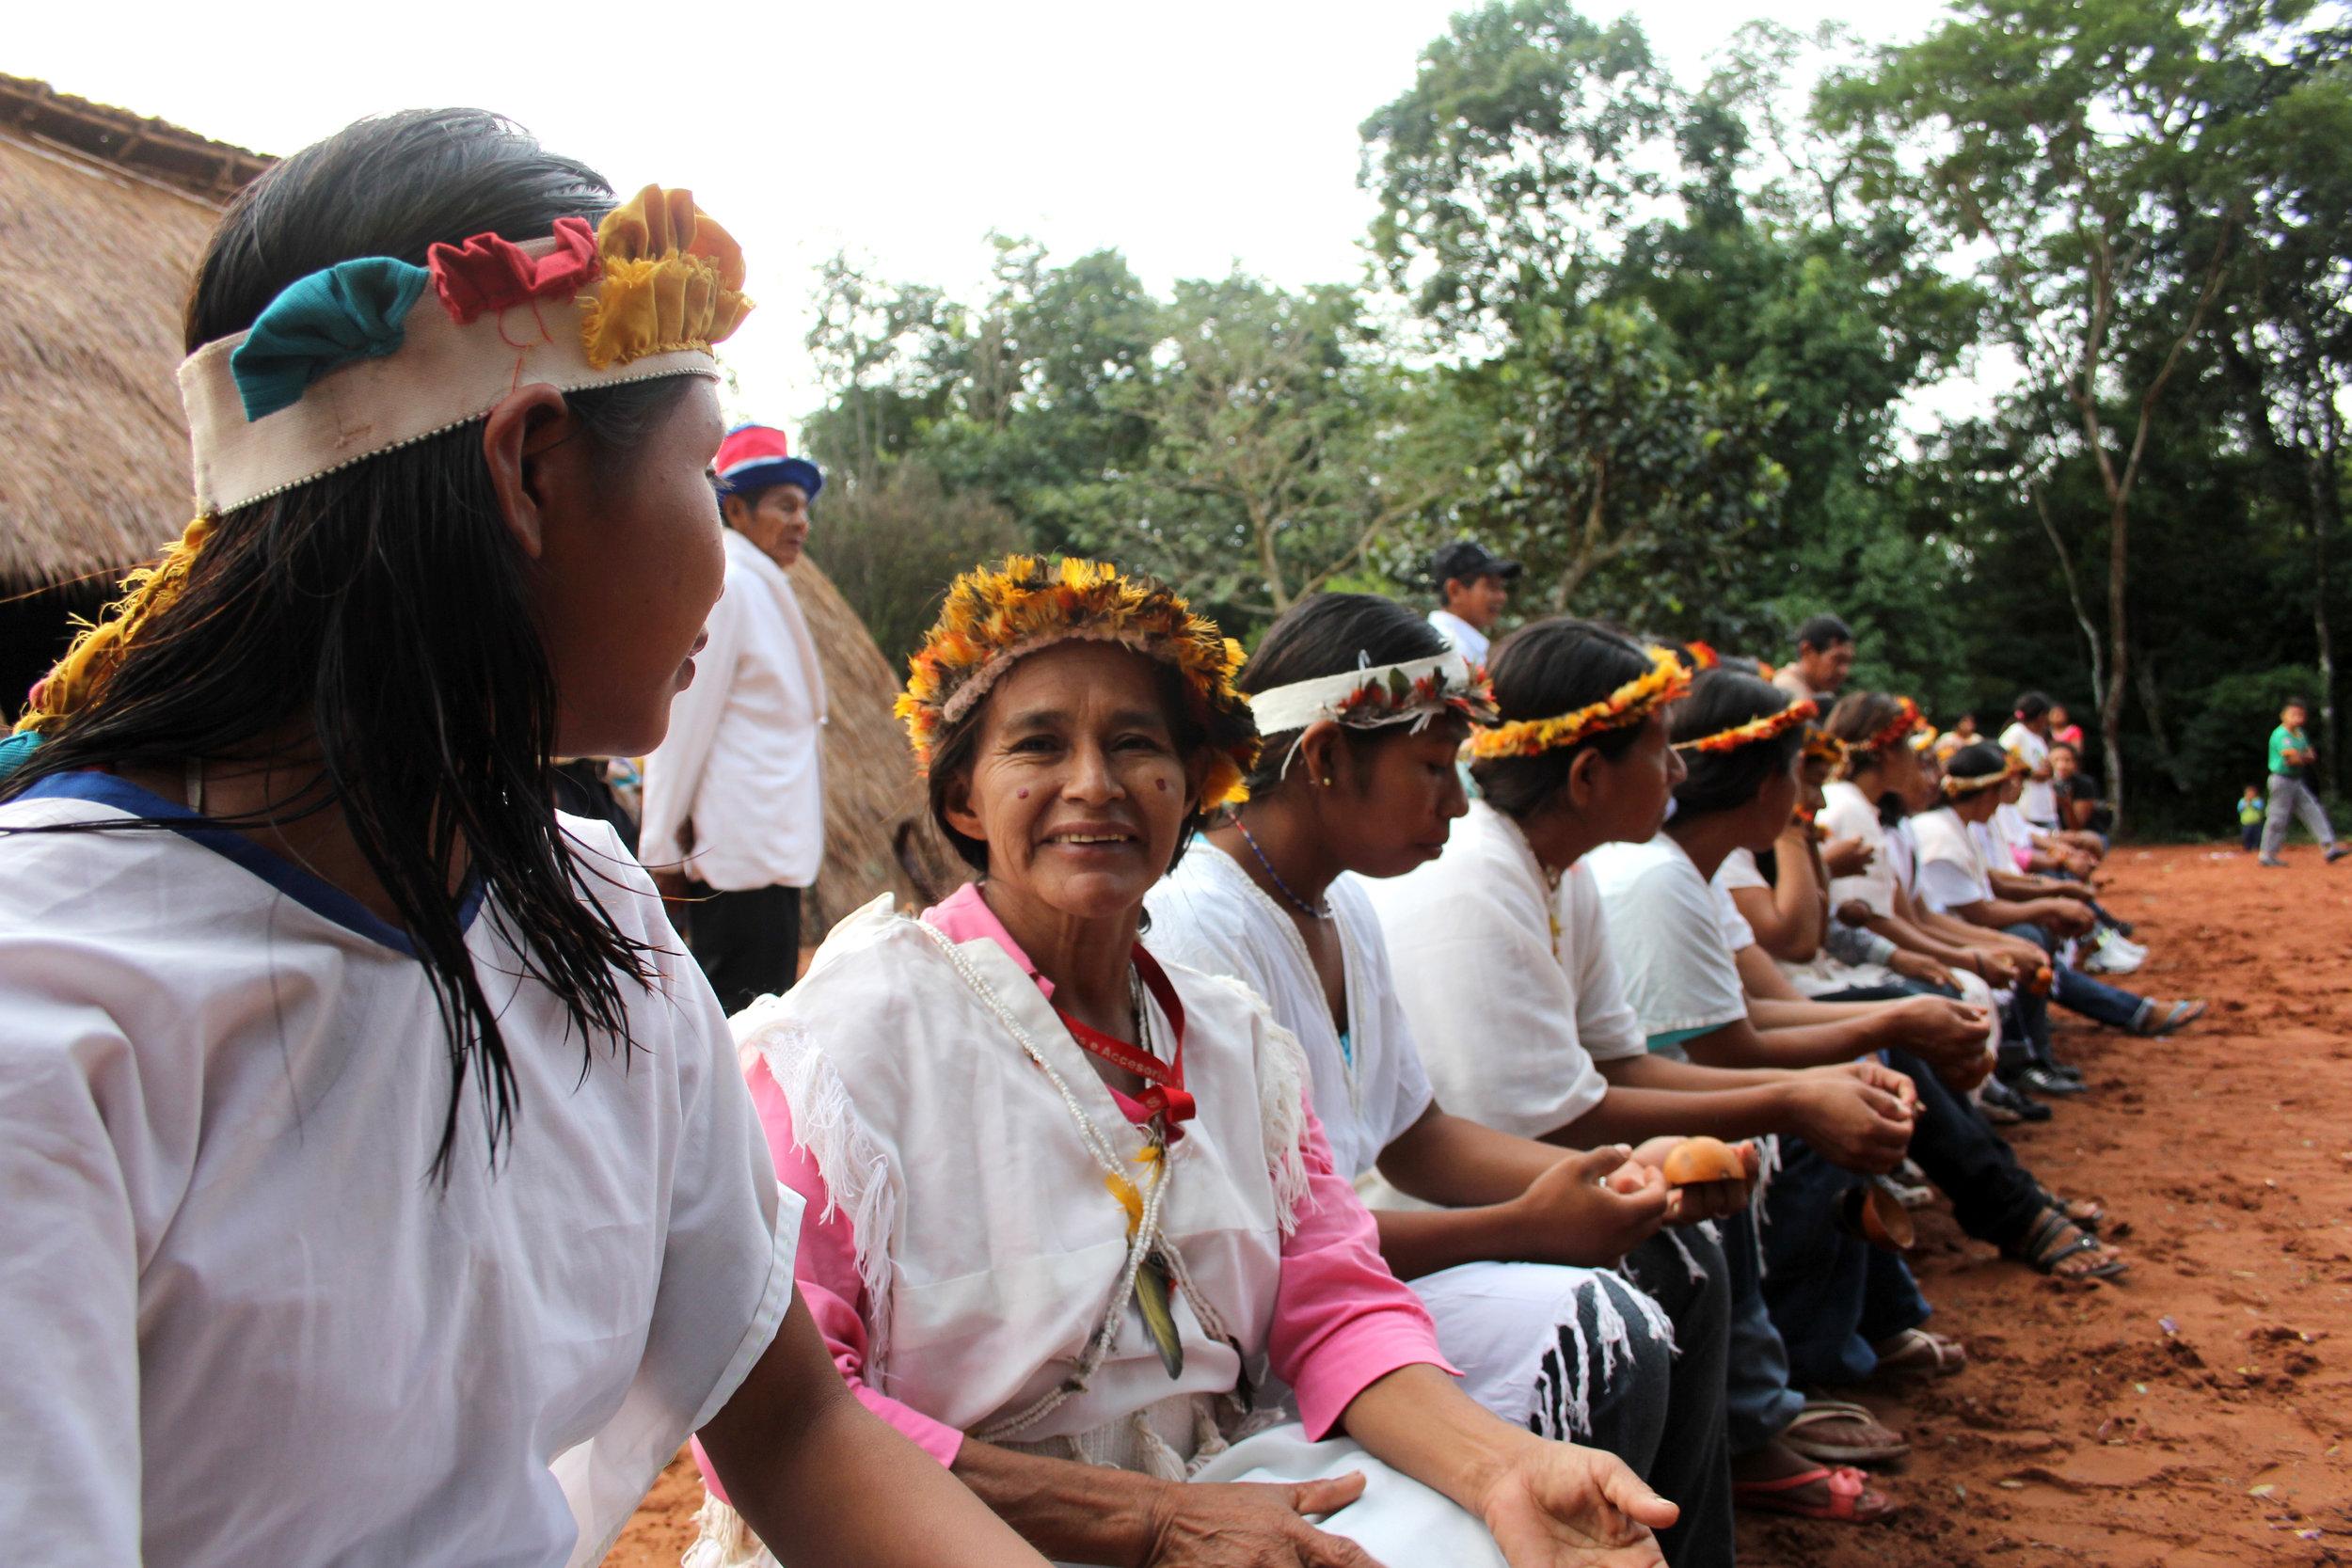 6. Ecuador - Grupo Sunu Mujeres y Hombres PAI Tavytera en ceremonia tradicional (1).jpg